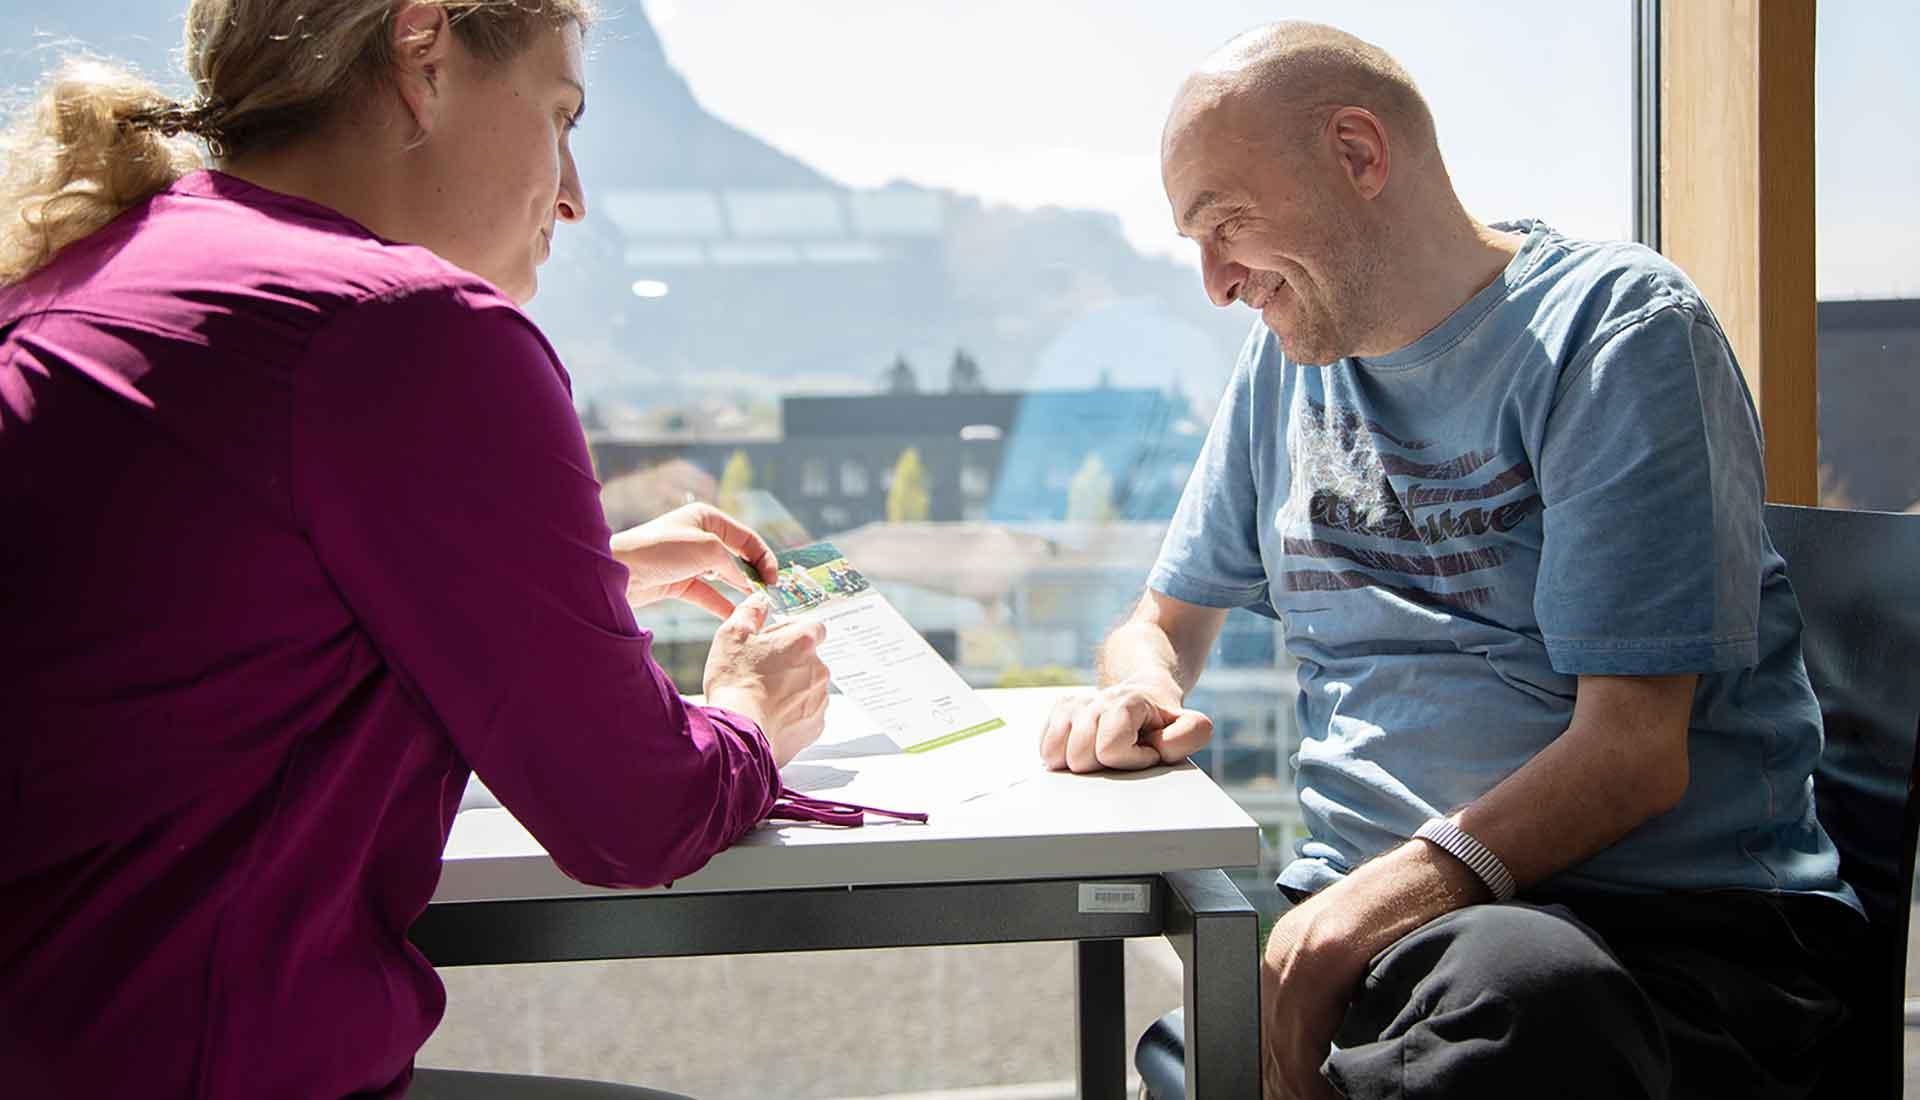 Assistenznehmer wird von einer Assistentin beim Lesen unterstützt